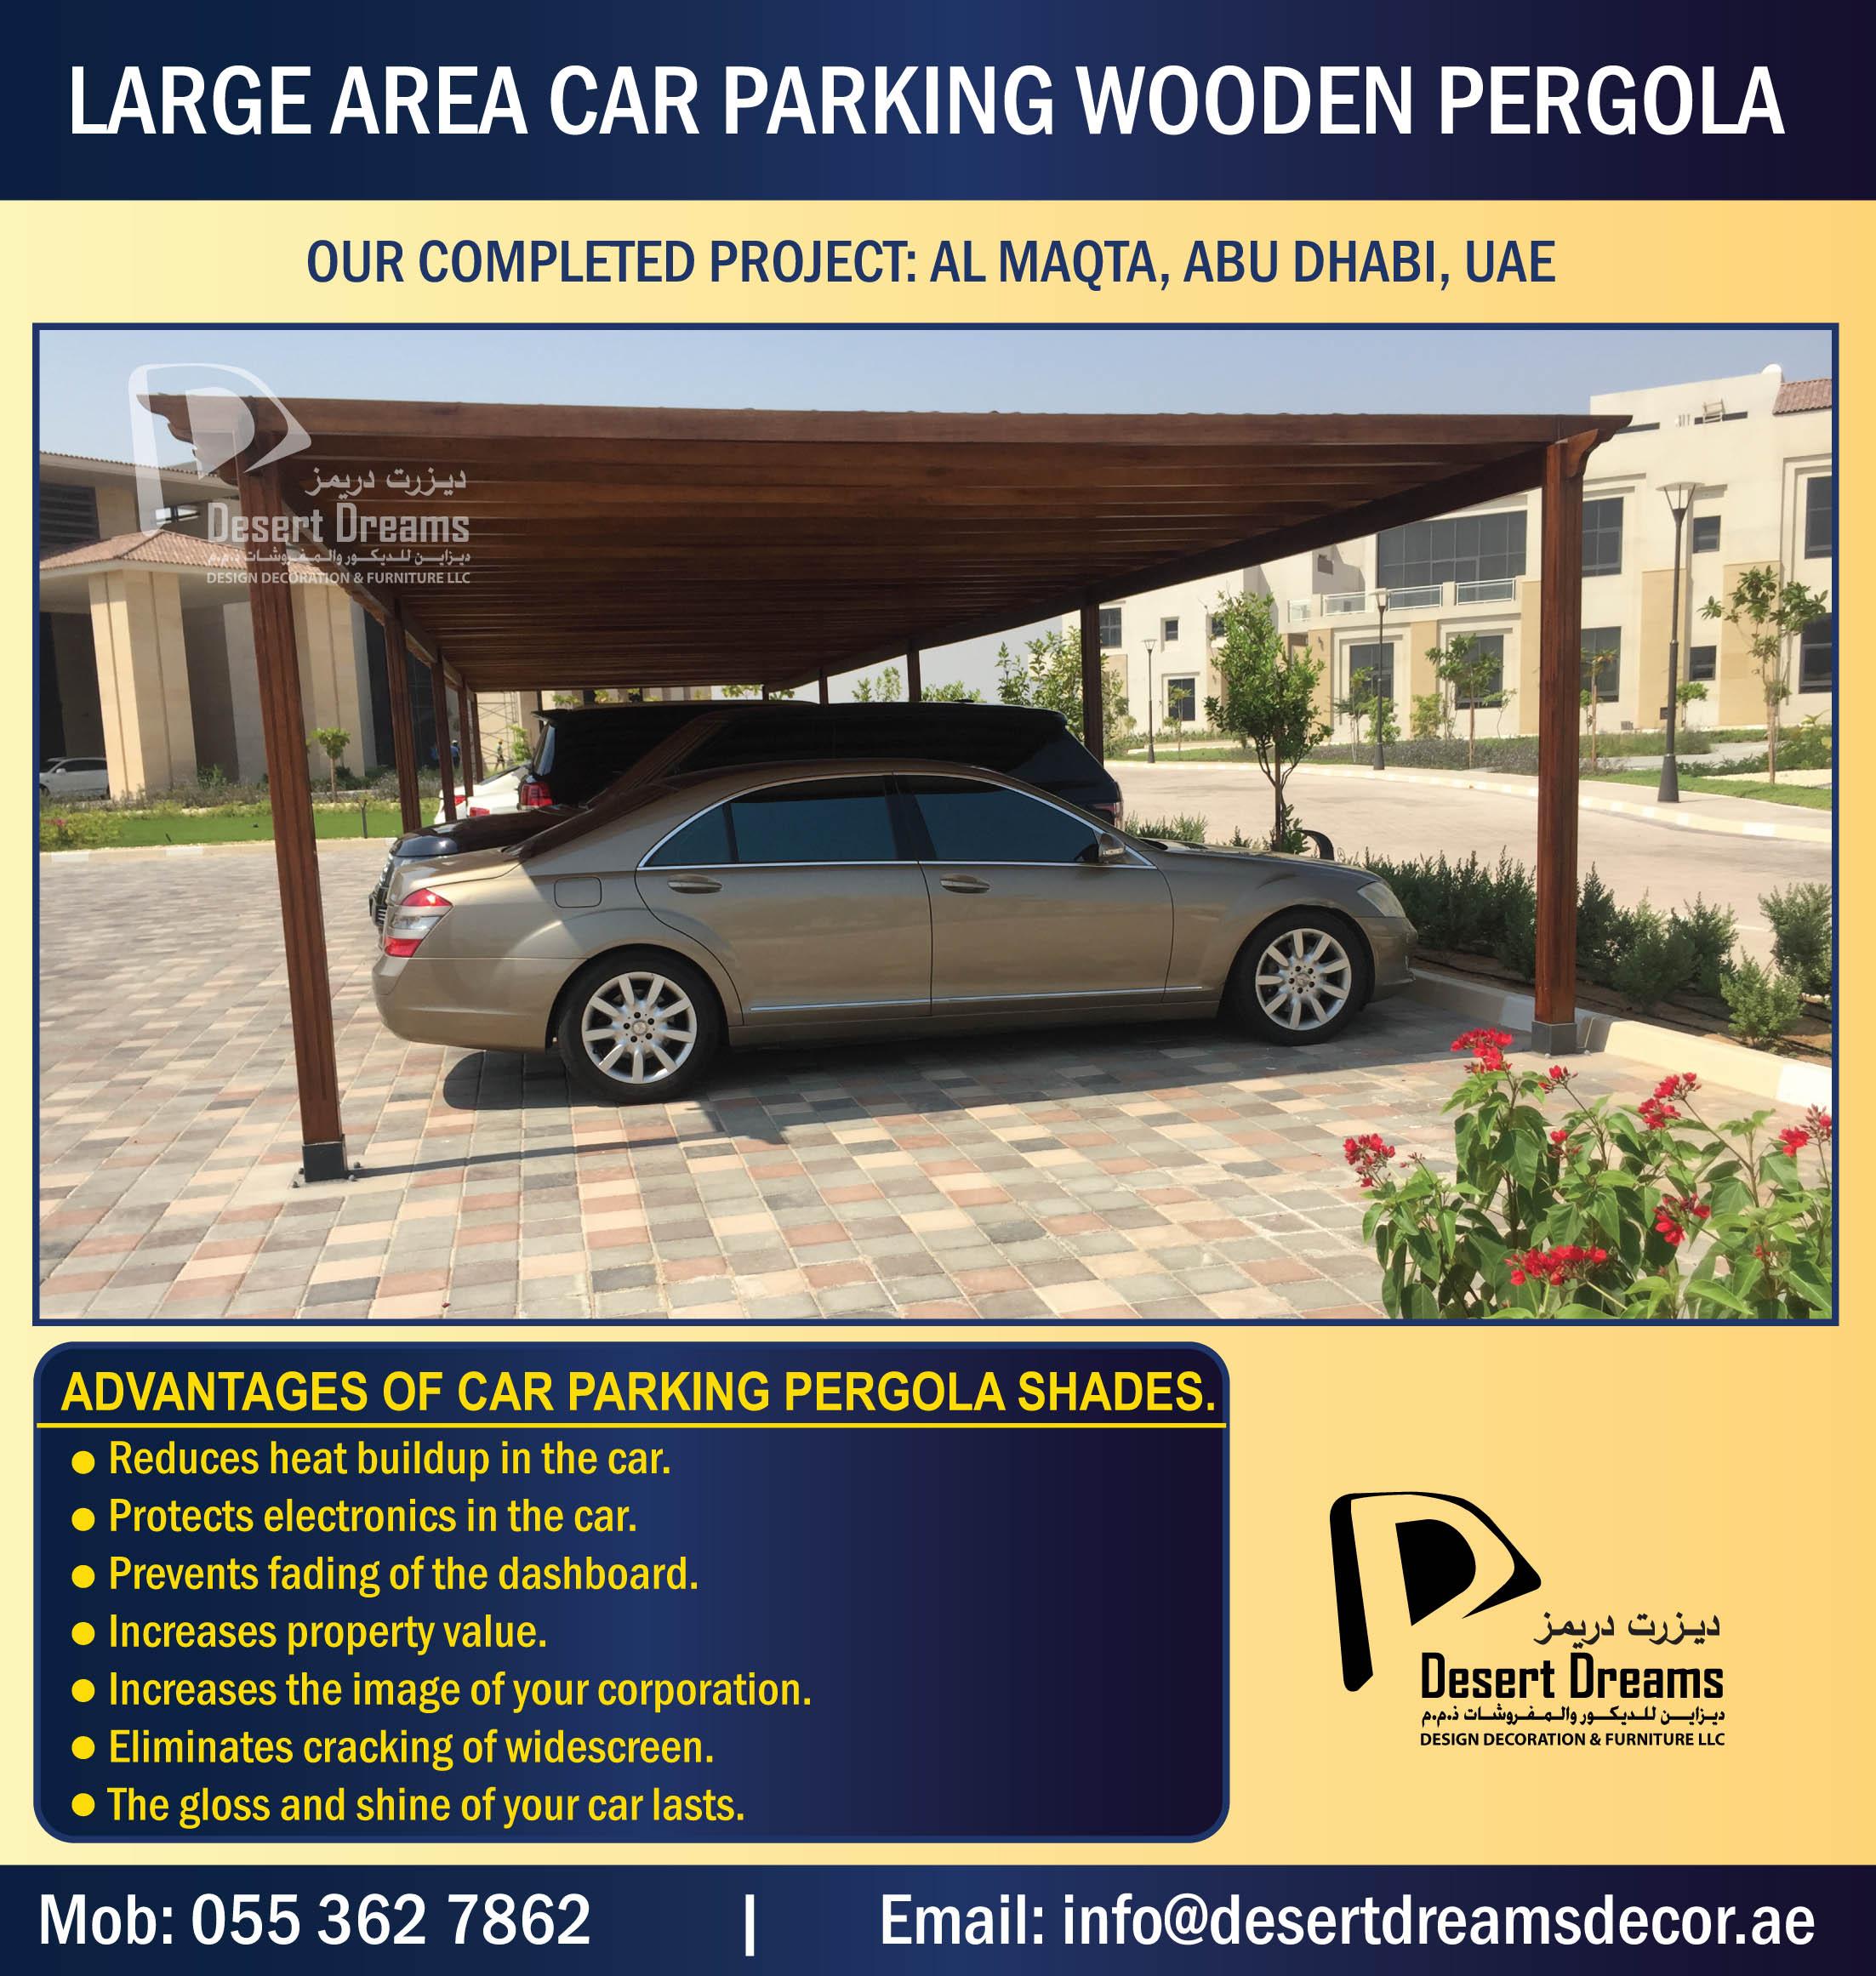 Large Area Pergola Suppliers in UAE.jpg